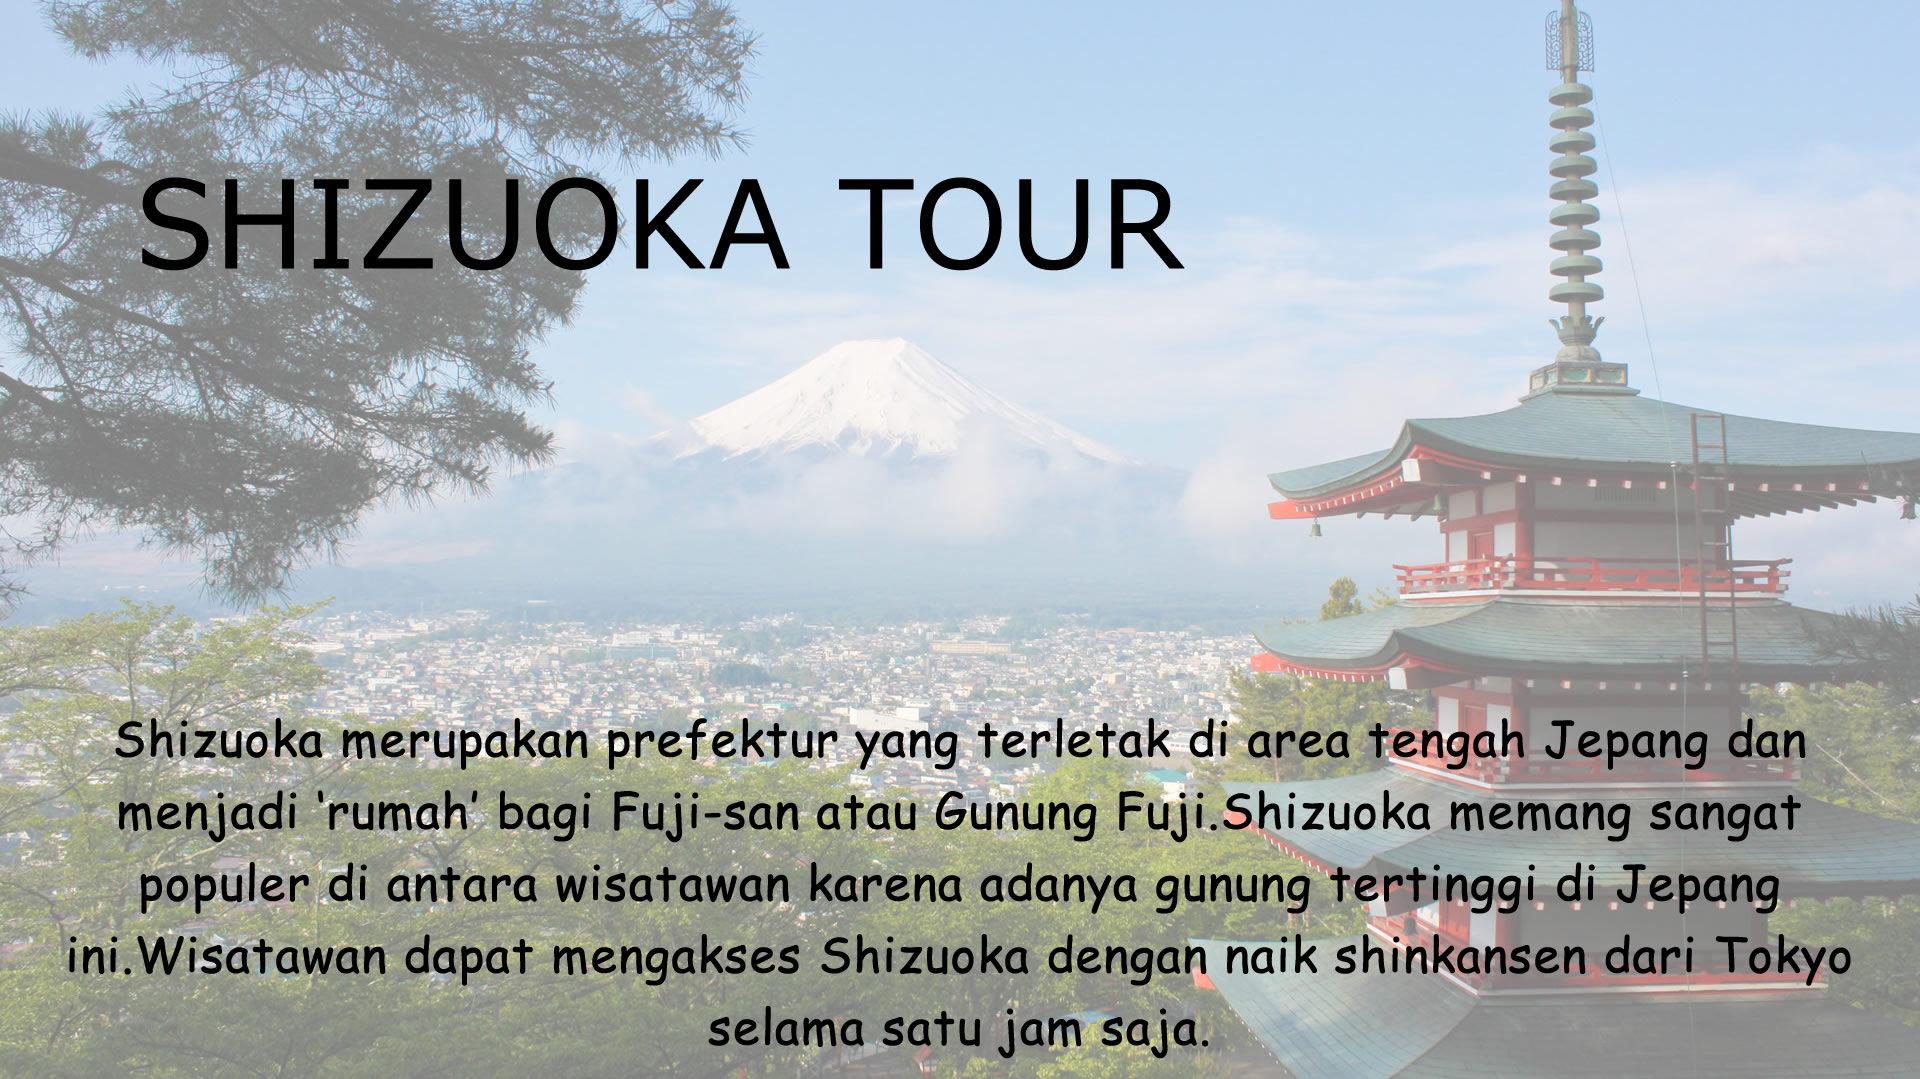 Shizuoka merupakan prefektur yang terletak di area tengah Jepang dan menjadi 'rumah' bagi Fuji-san atau Gunung Fuji.Shizuoka memang sangat populer di antara wisatawan karena adanya gunung tertinggi di Jepang ini.Wisatawan dapat mengakses Shizuoka dengan naik shinkansen dari Tokyo selama satu jam saja.